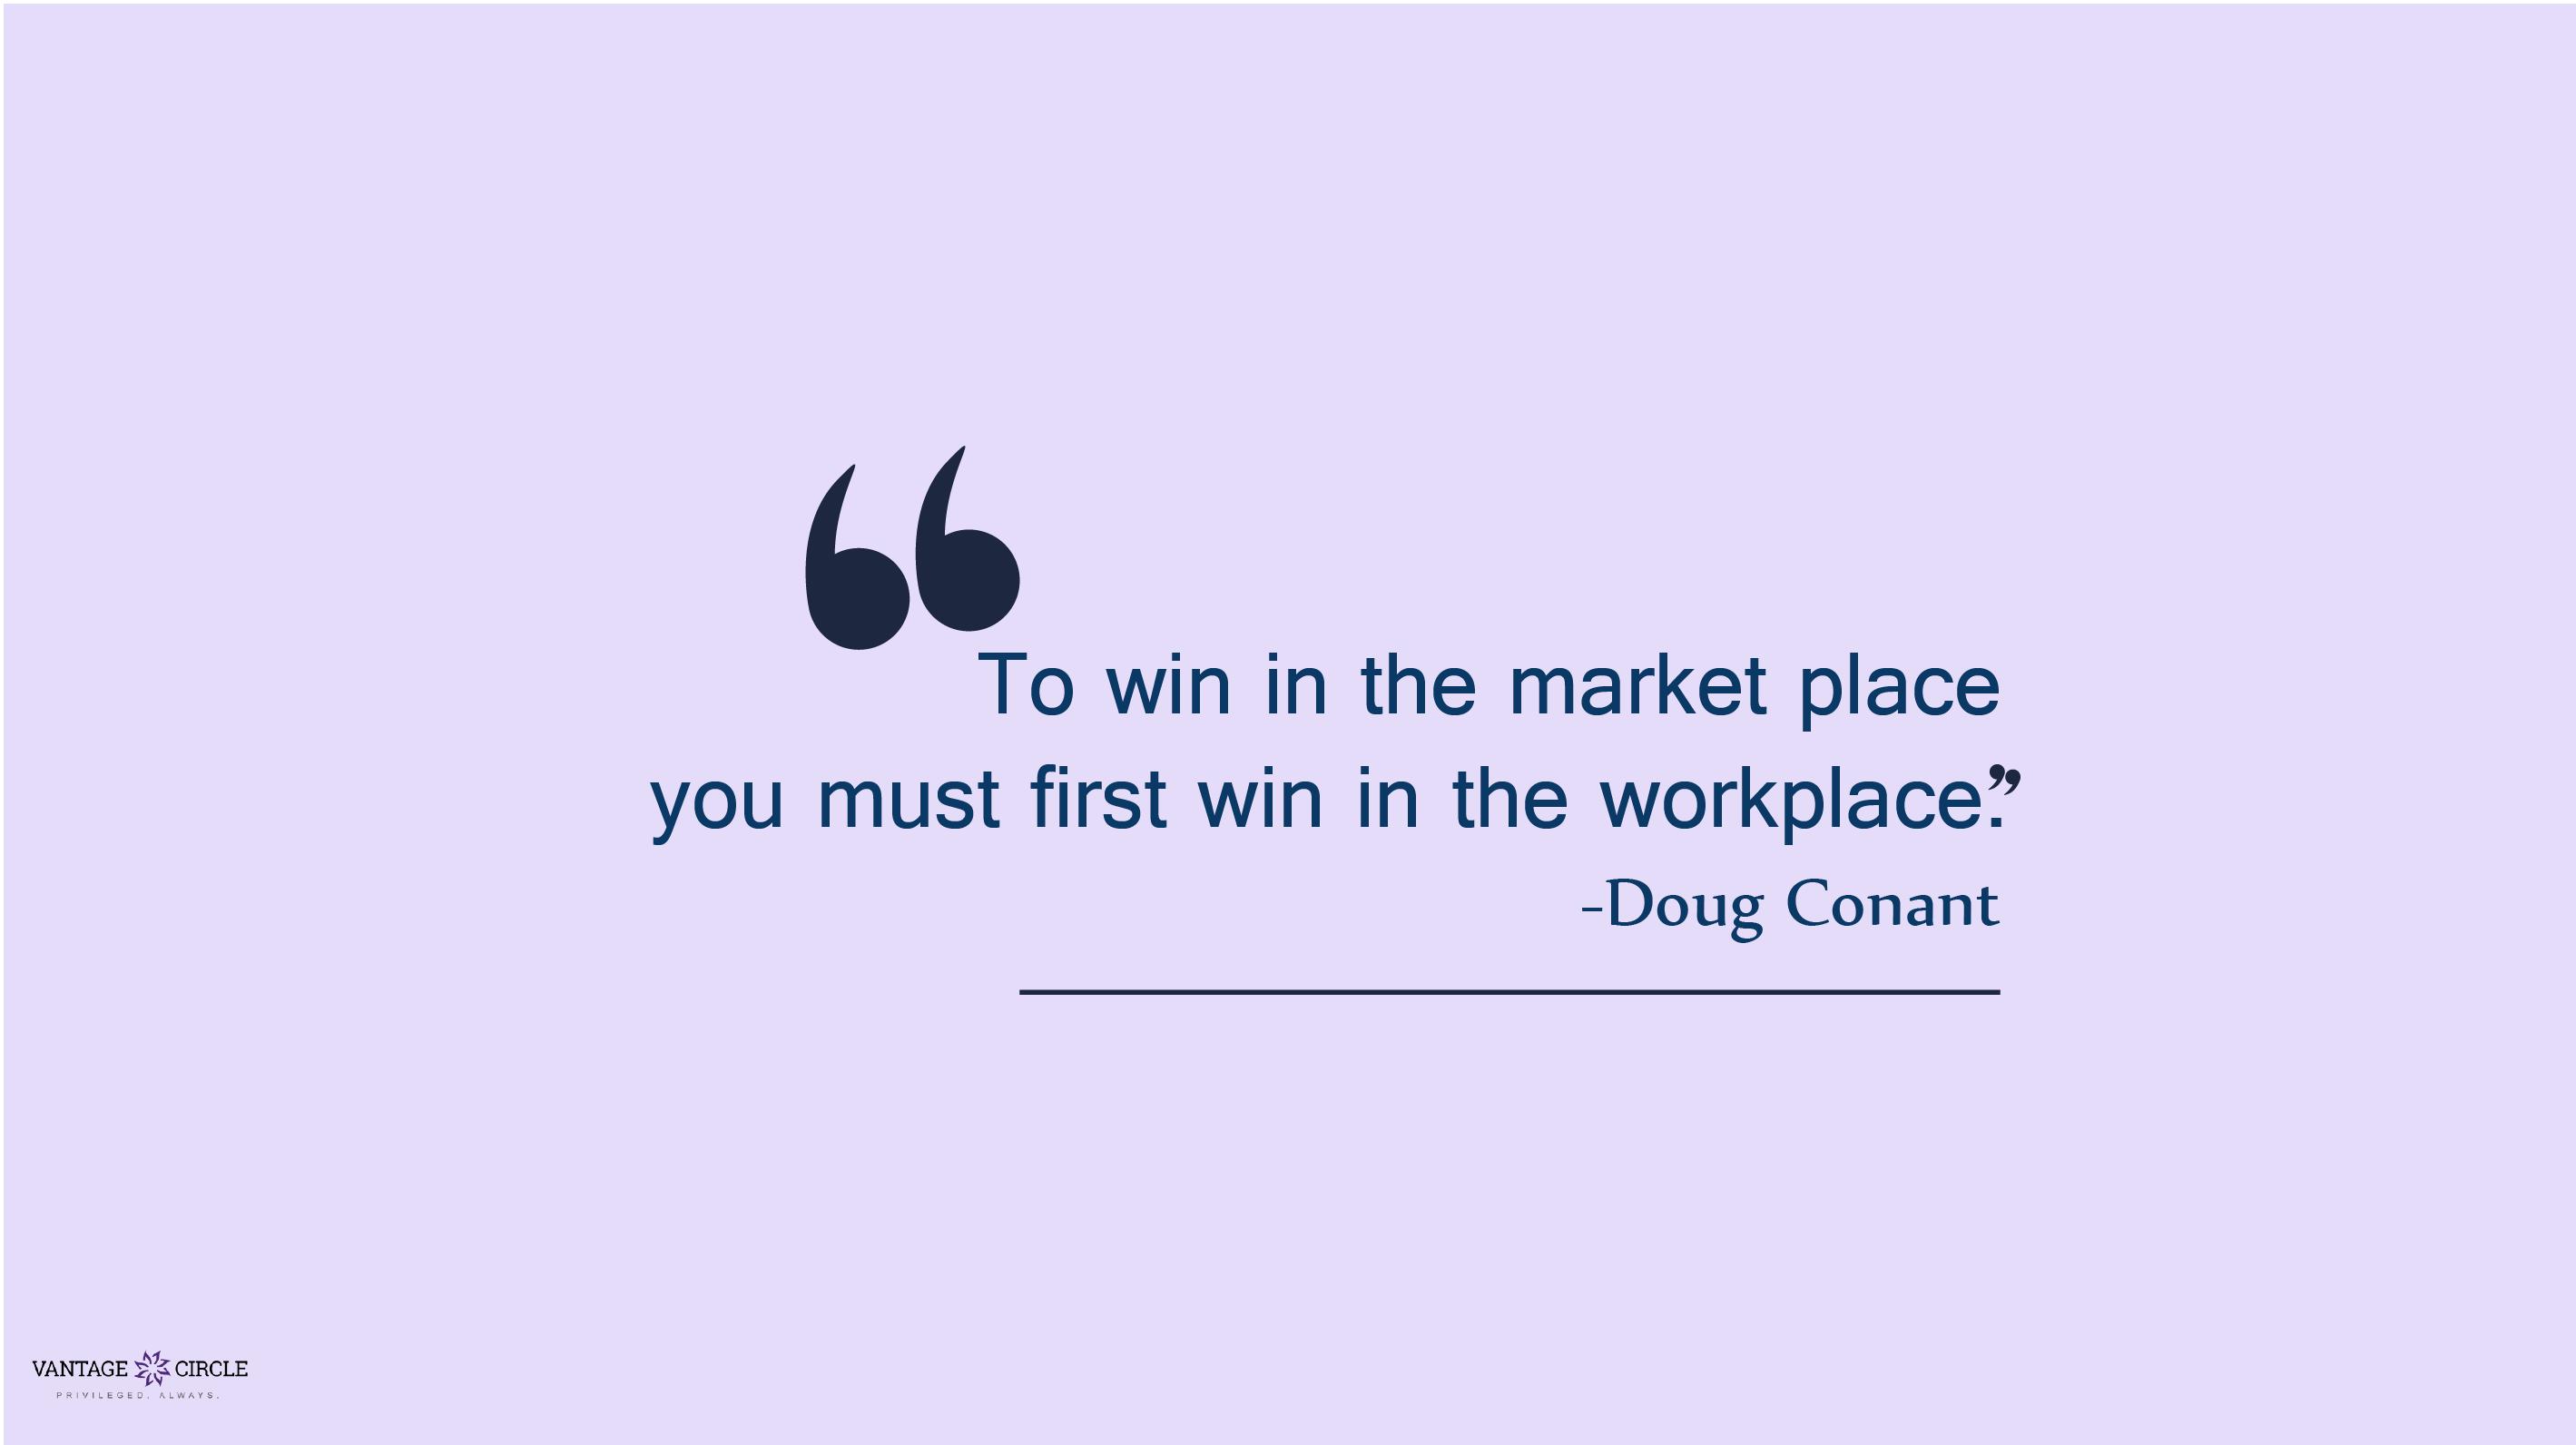 company-culture-quote--6-